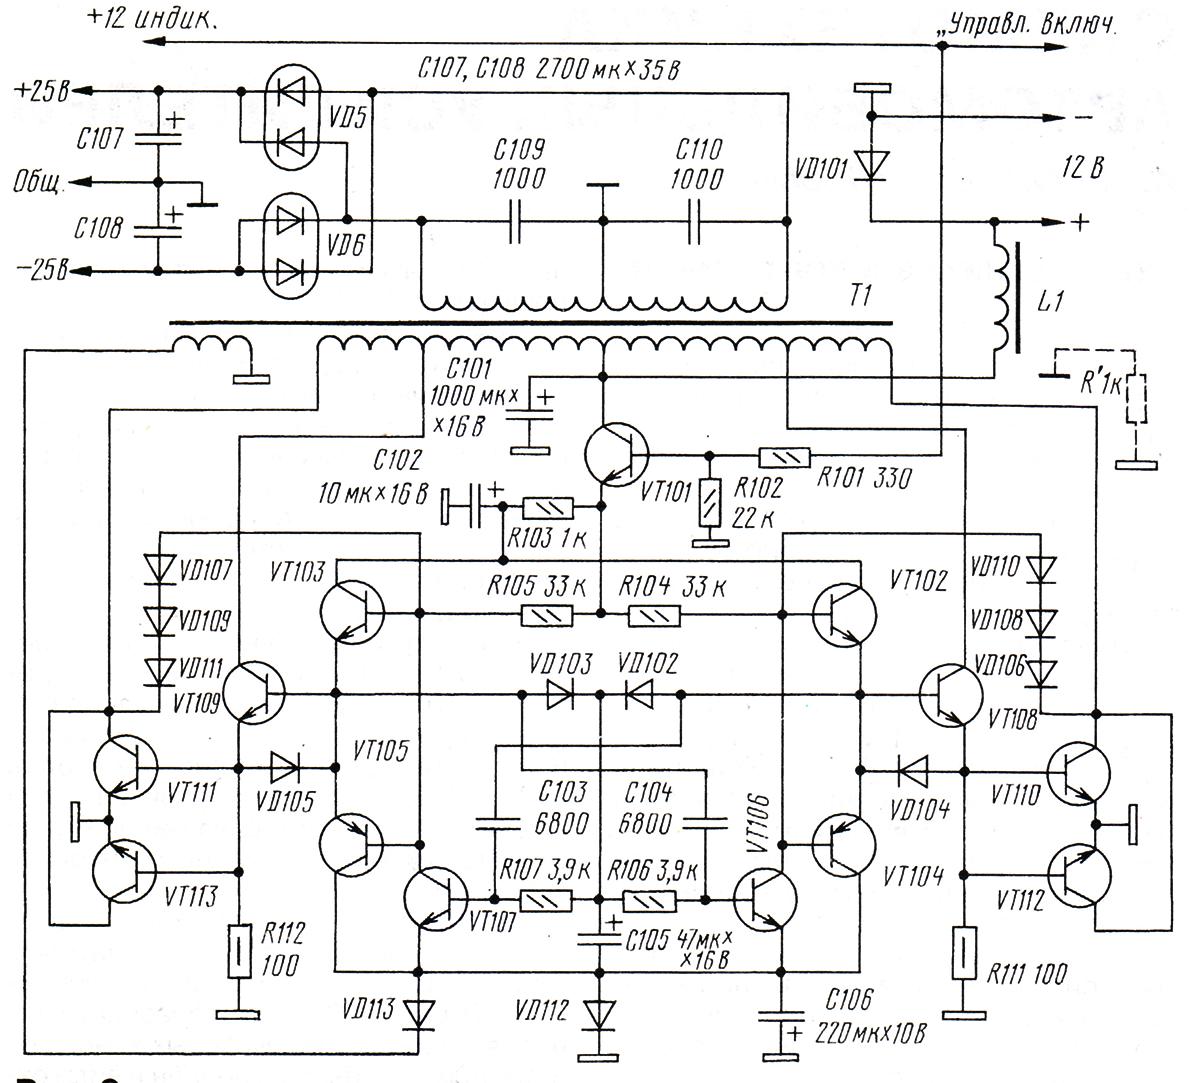 Схема стабилизированного блока питания автомобильного усилителя звука Monacor НРВ 150